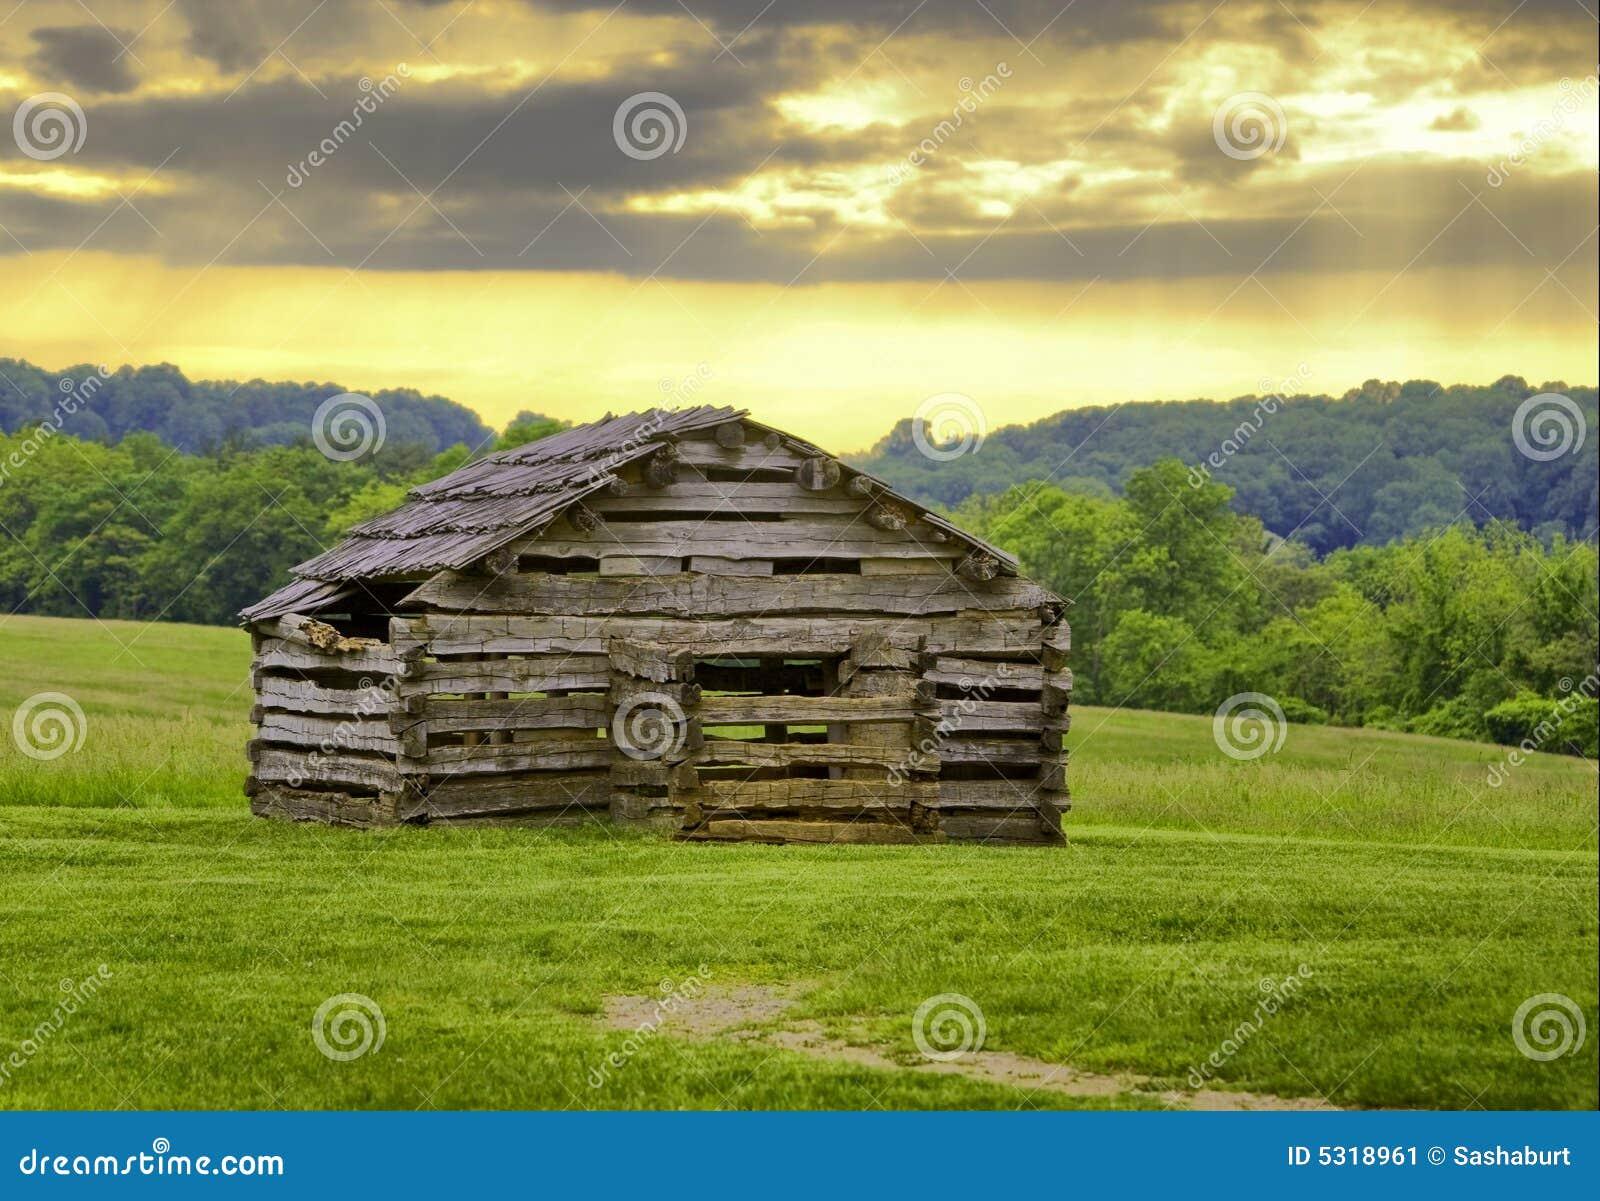 Download Capanna immagine stock. Immagine di parco, verde, legno - 5318961